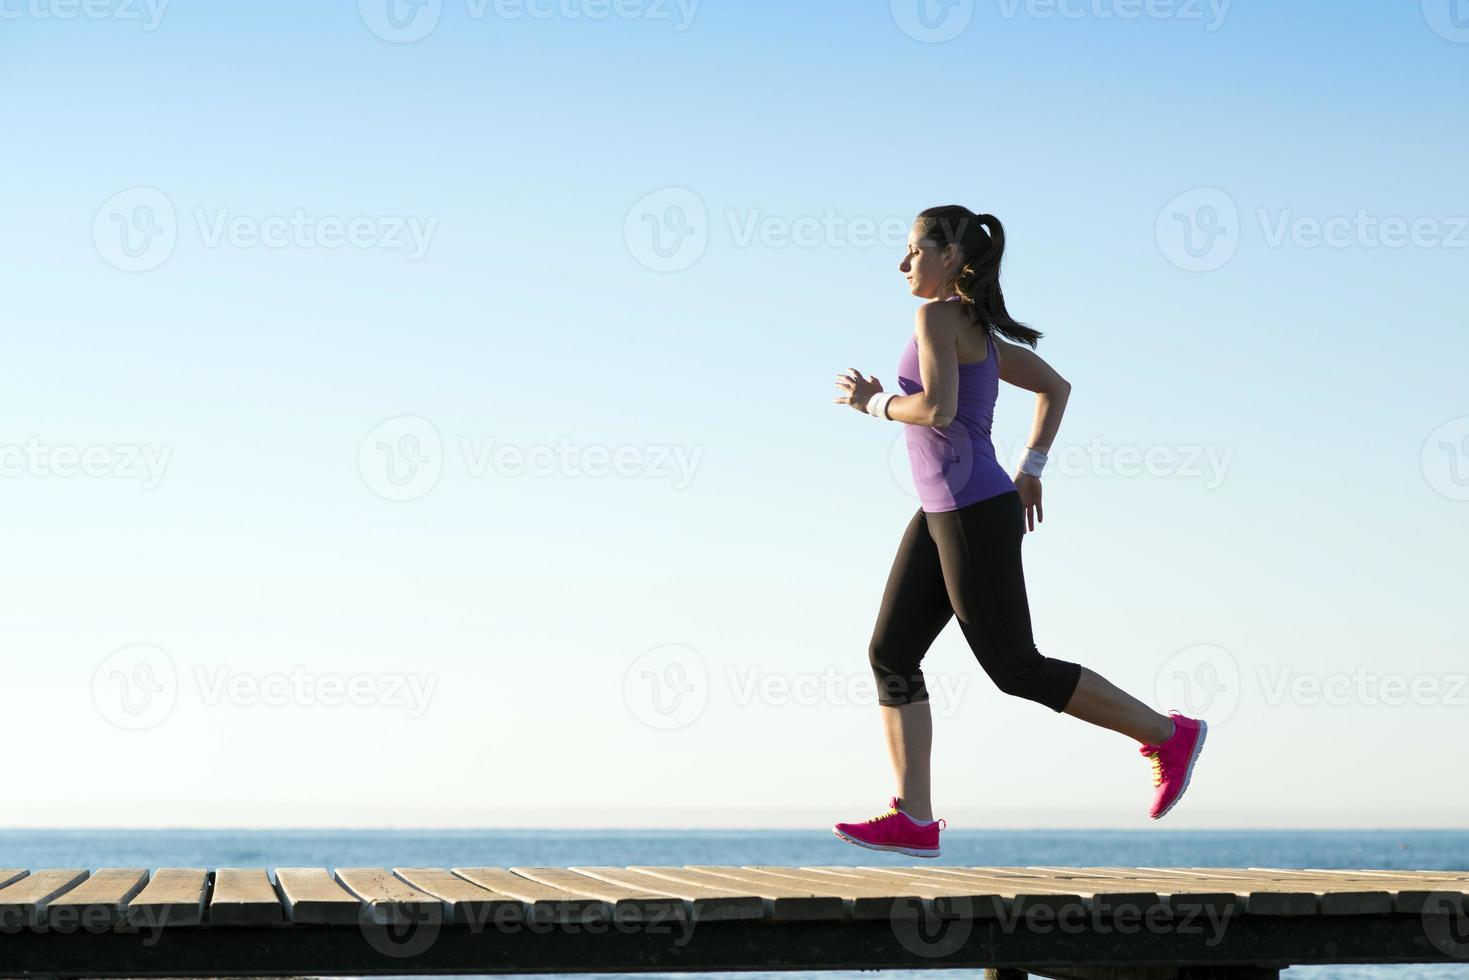 Outdoor-Läufer foto